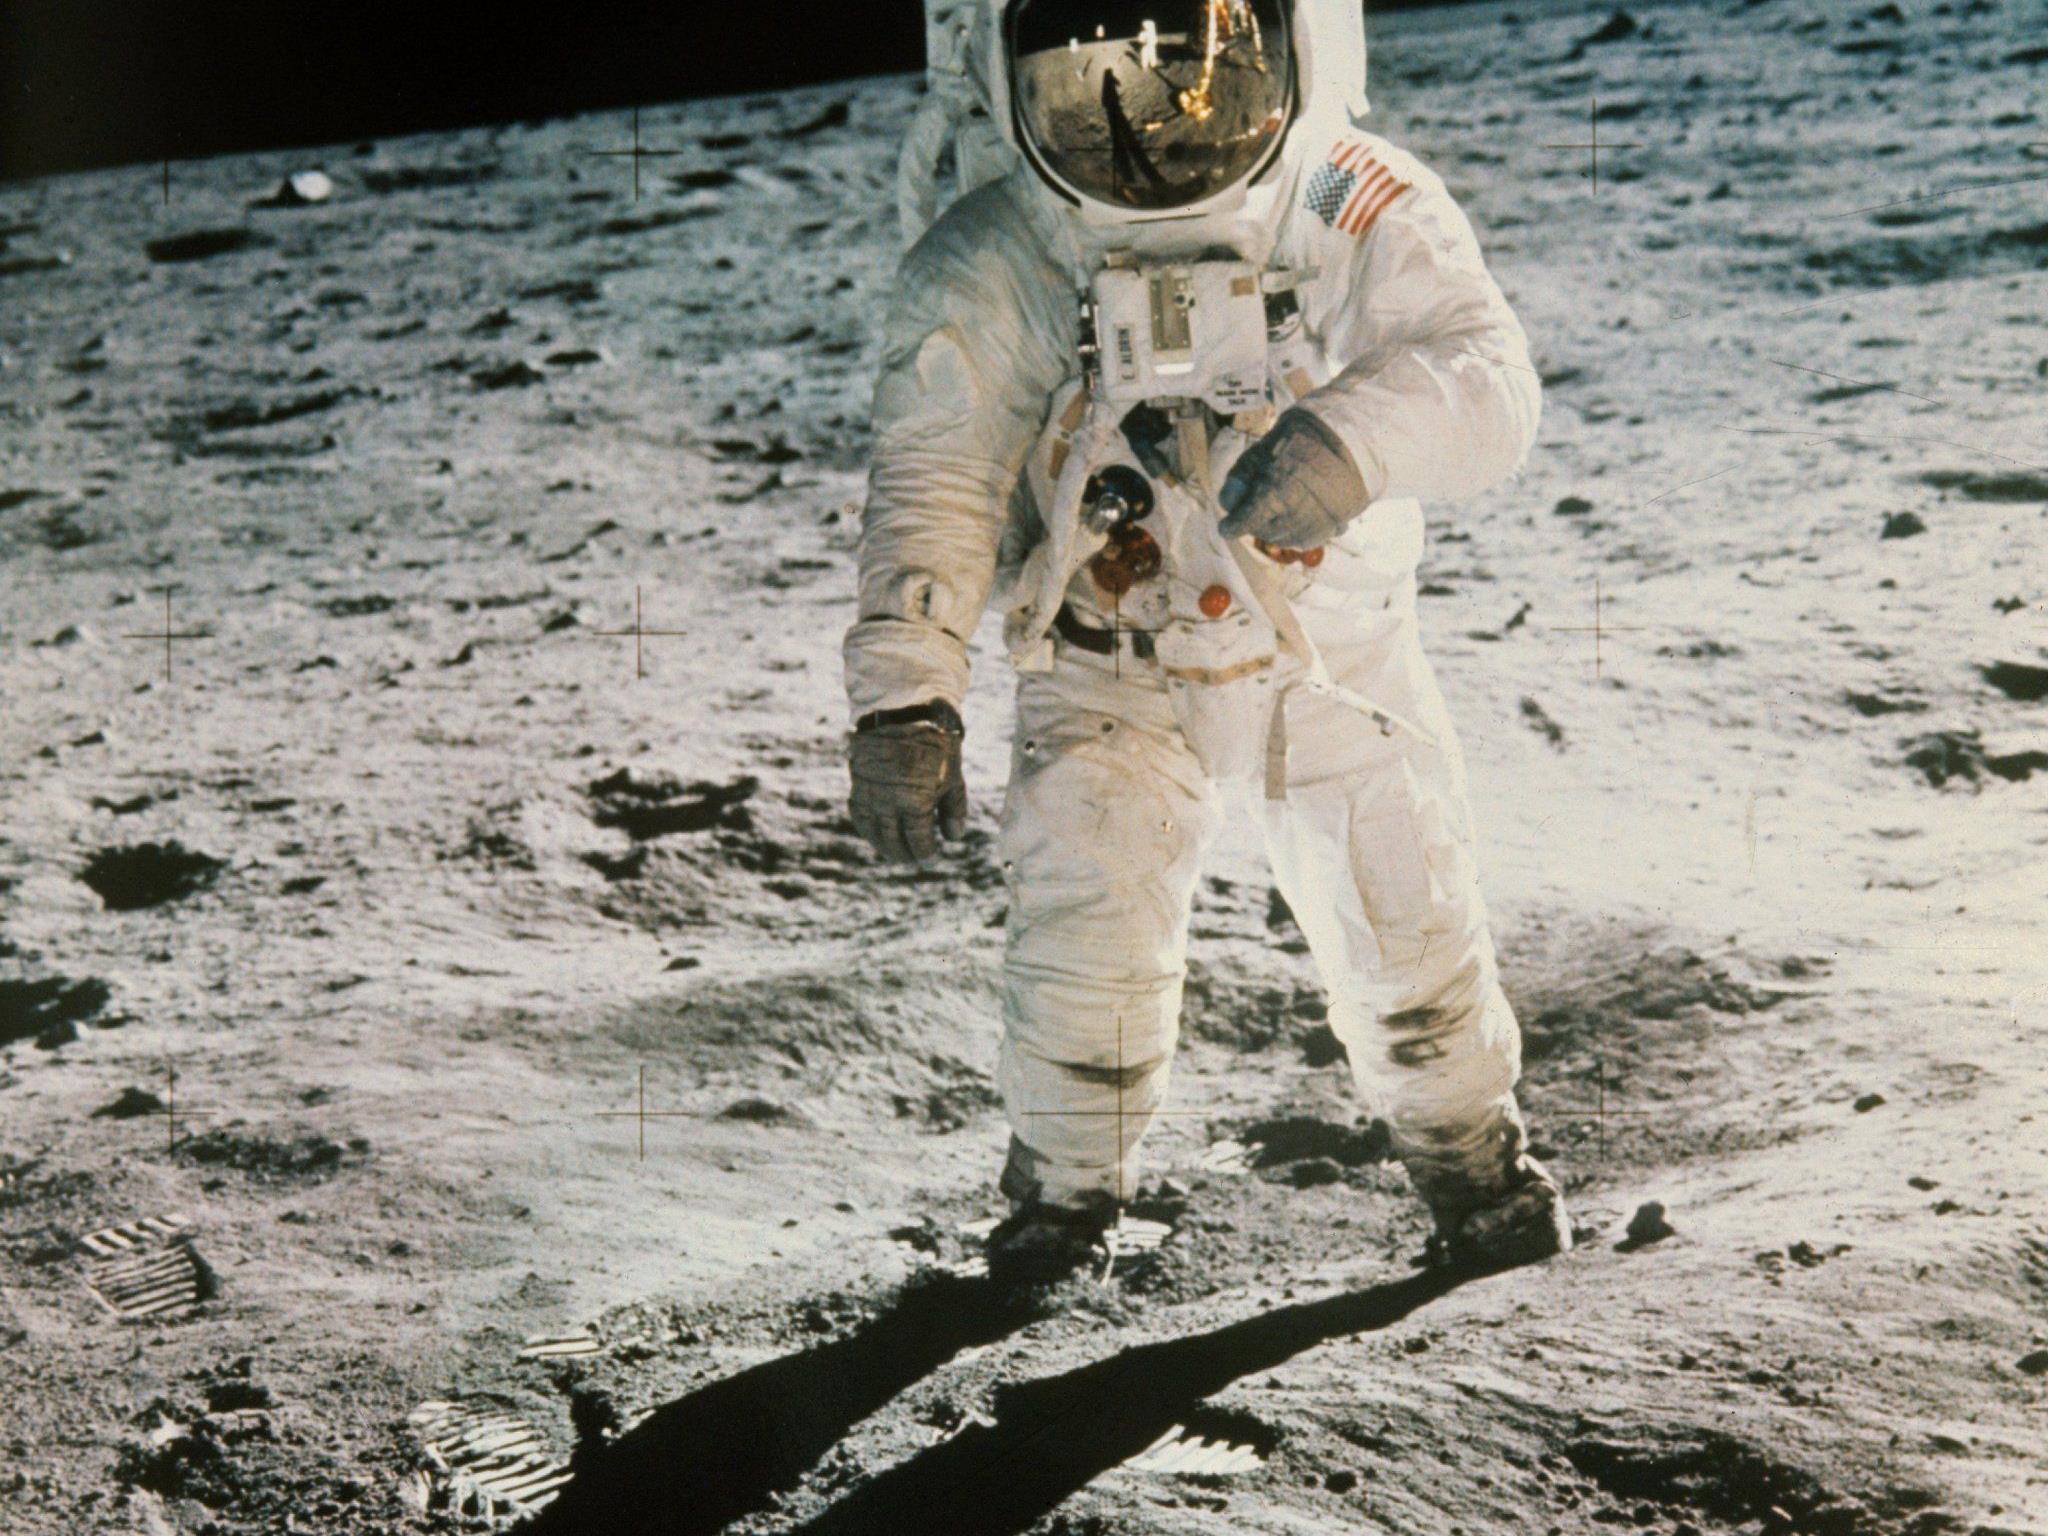 """Edwin """"Buzz"""" Aldrin bei seinen ersten Schritten auf dem Mond. Im Visier erkennbar: Neil Armstrong."""